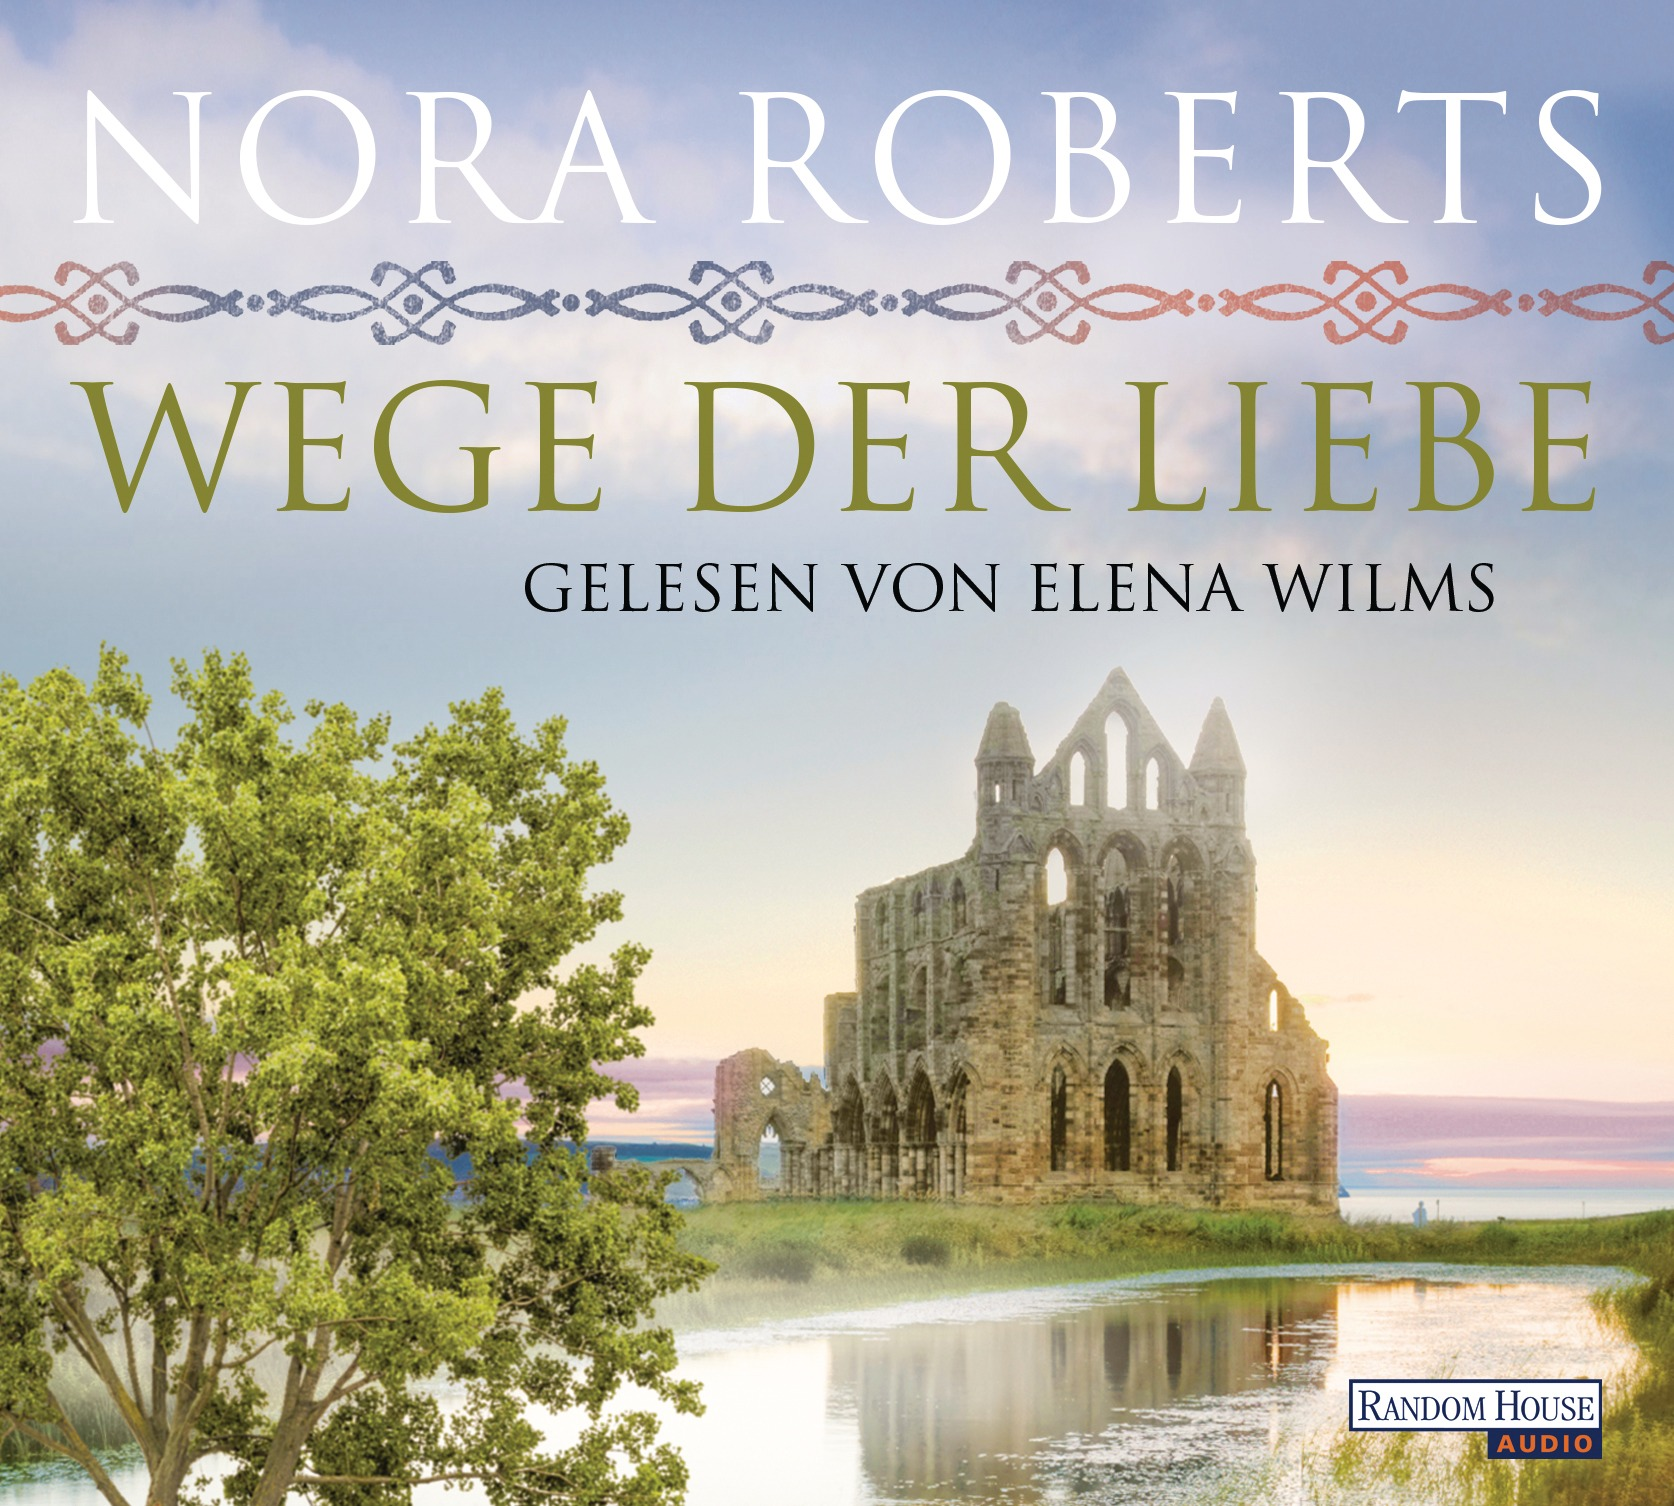 Wege der Liebe - Nora Roberts [5 Audio CDs]